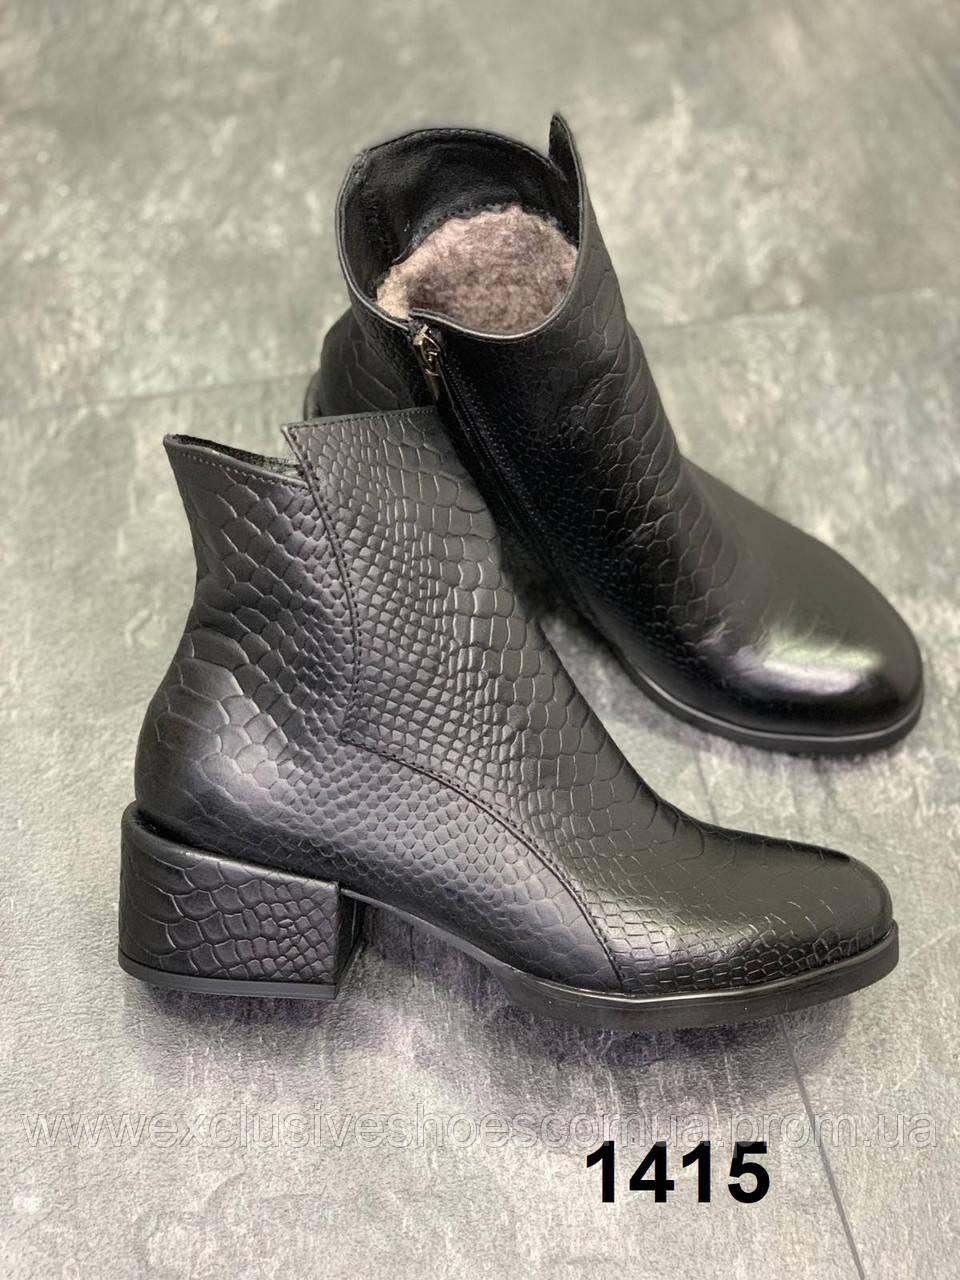 Ботинки женские зимние кожаные черные на каблуке